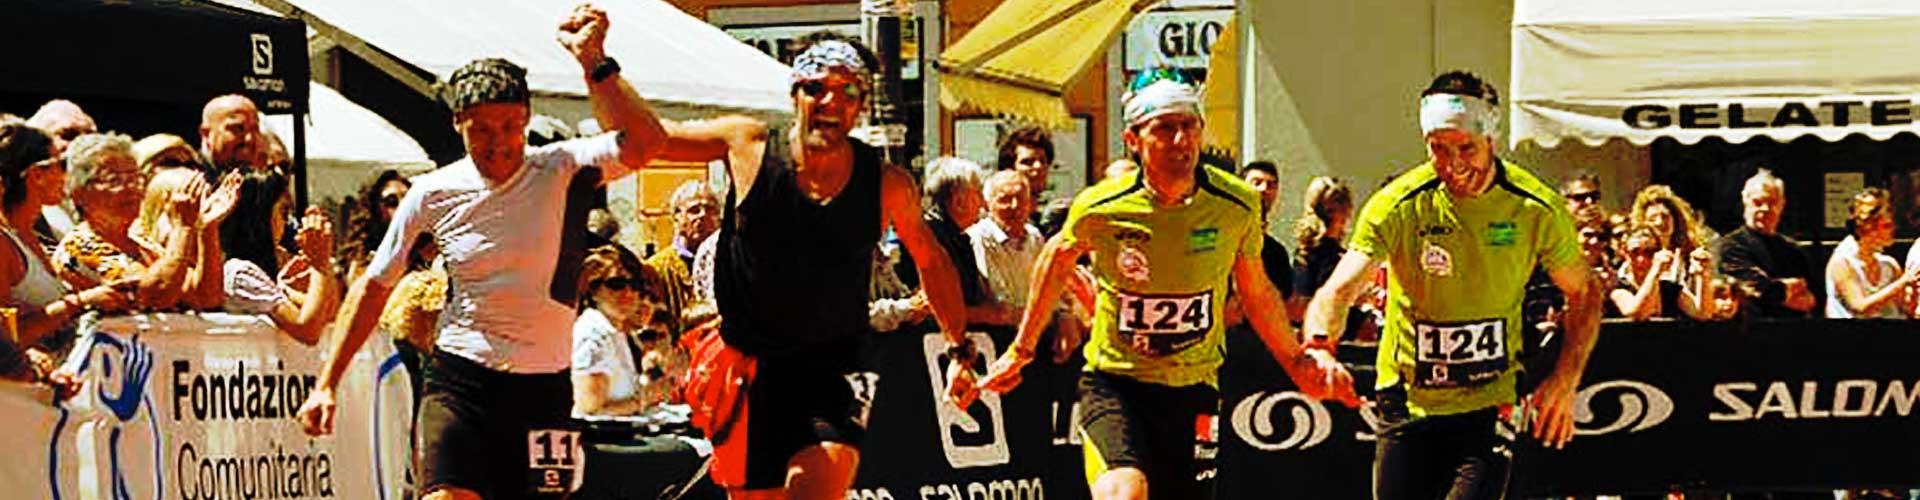 Tempo Libero Sport Running Trail Footwear